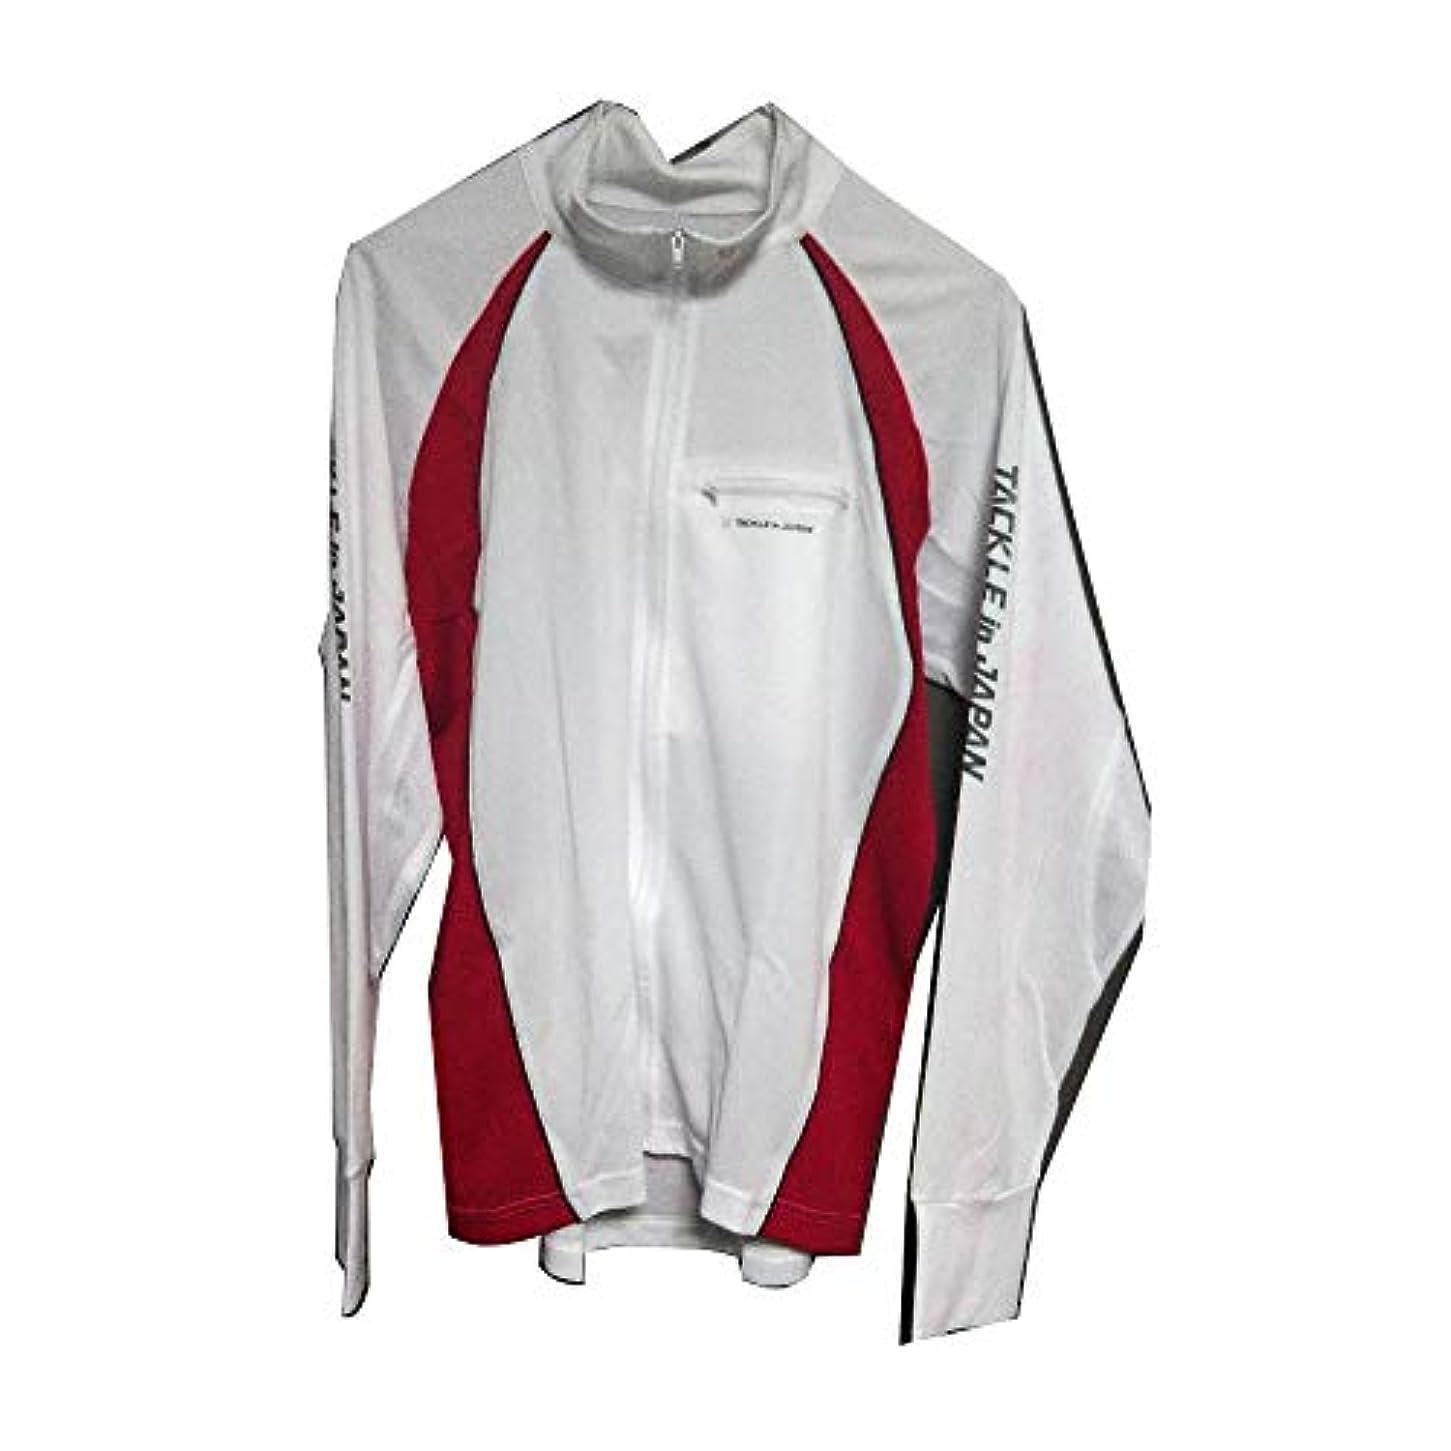 ご飯健康的器具TACKLE in JAPAN(タックルインジャパン) フルジップシャツ ロゴ ホワイト No.193142 LL